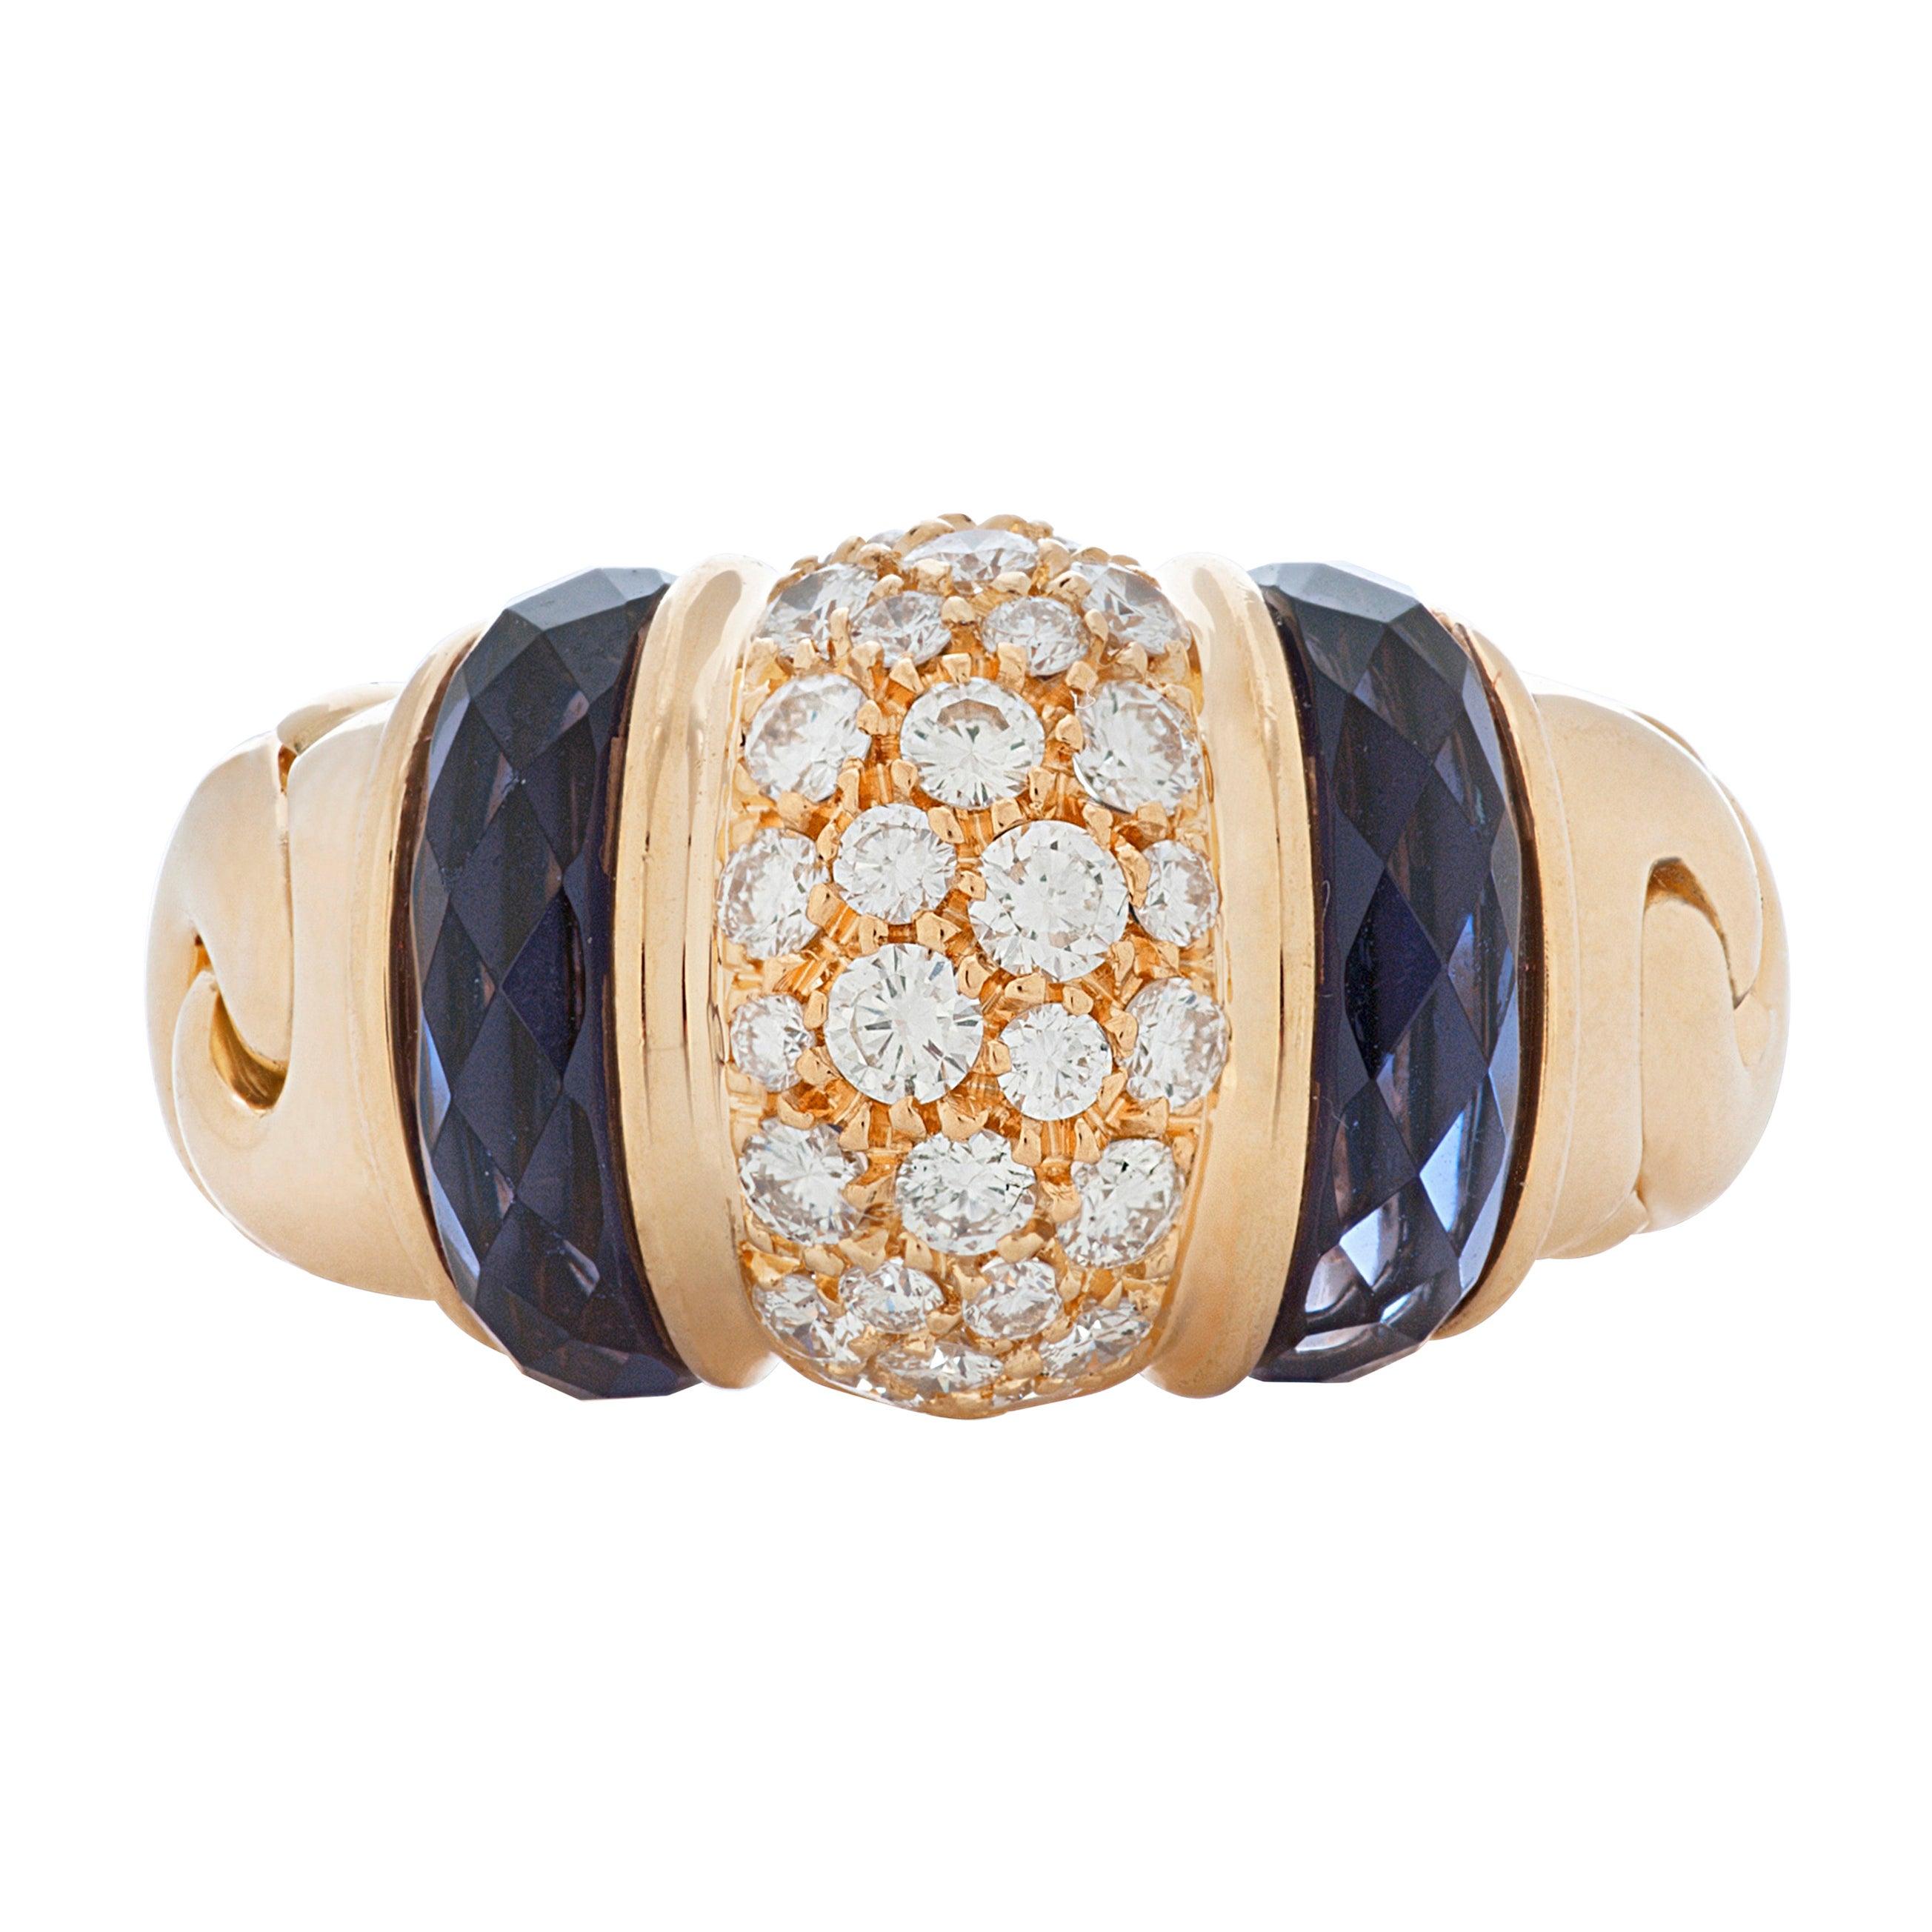 Bulgari Ganci Amethyst and Diamond Ring in 18k Yellow Gold